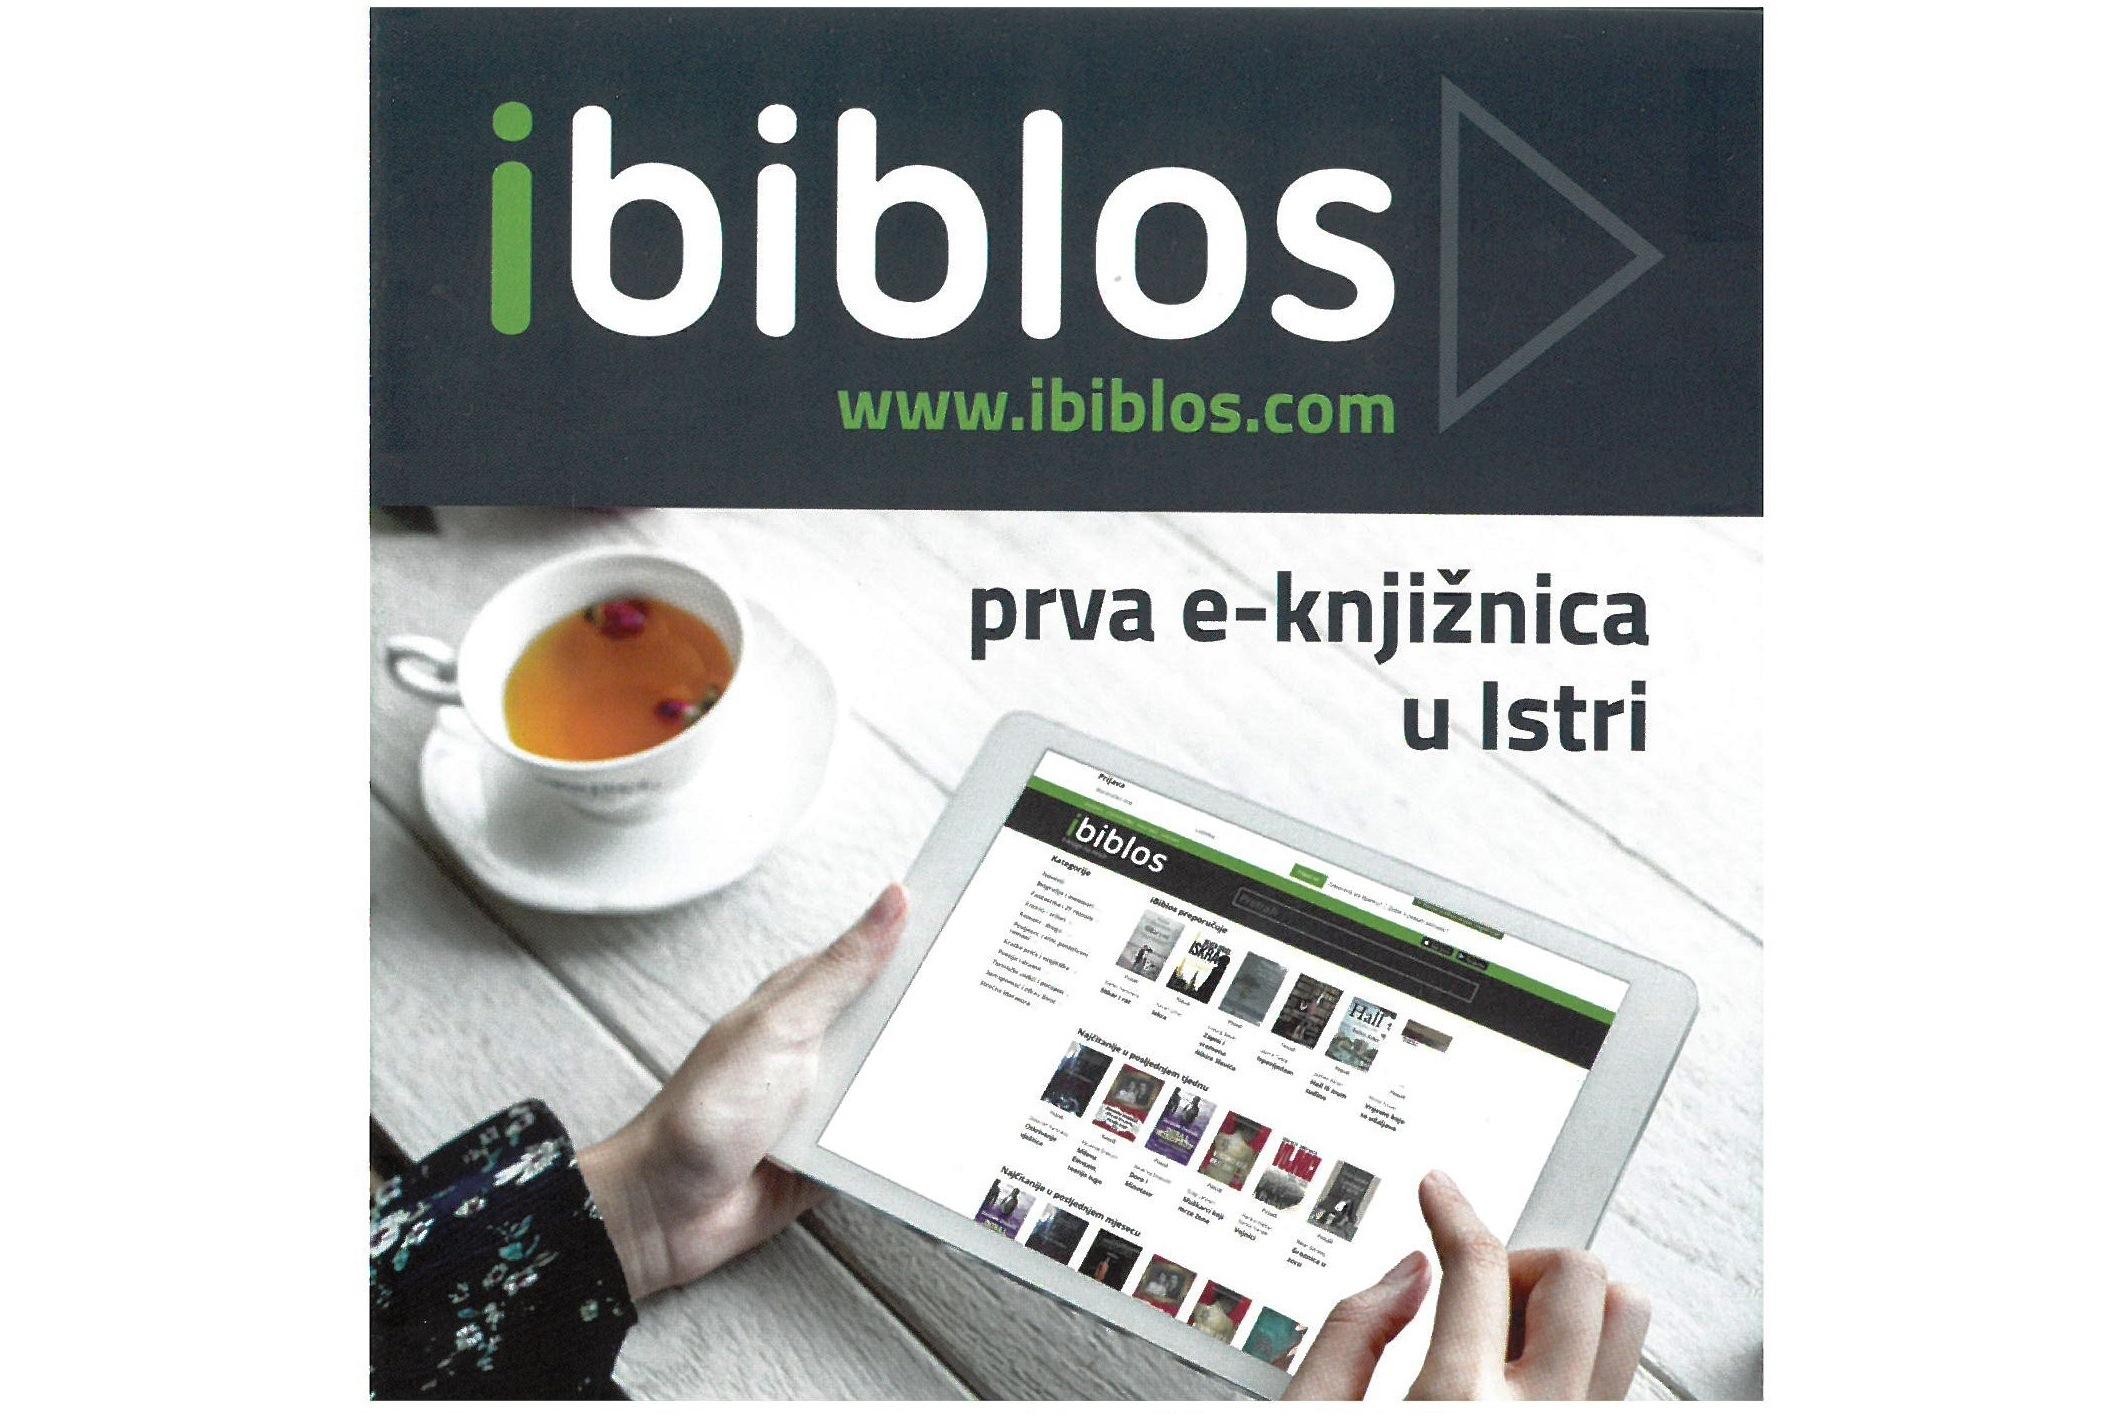 https://novigrad.hr/ora_e_possibile_il_prestito_di_e_book_tramite_la_biblioteca_civica_di_citta